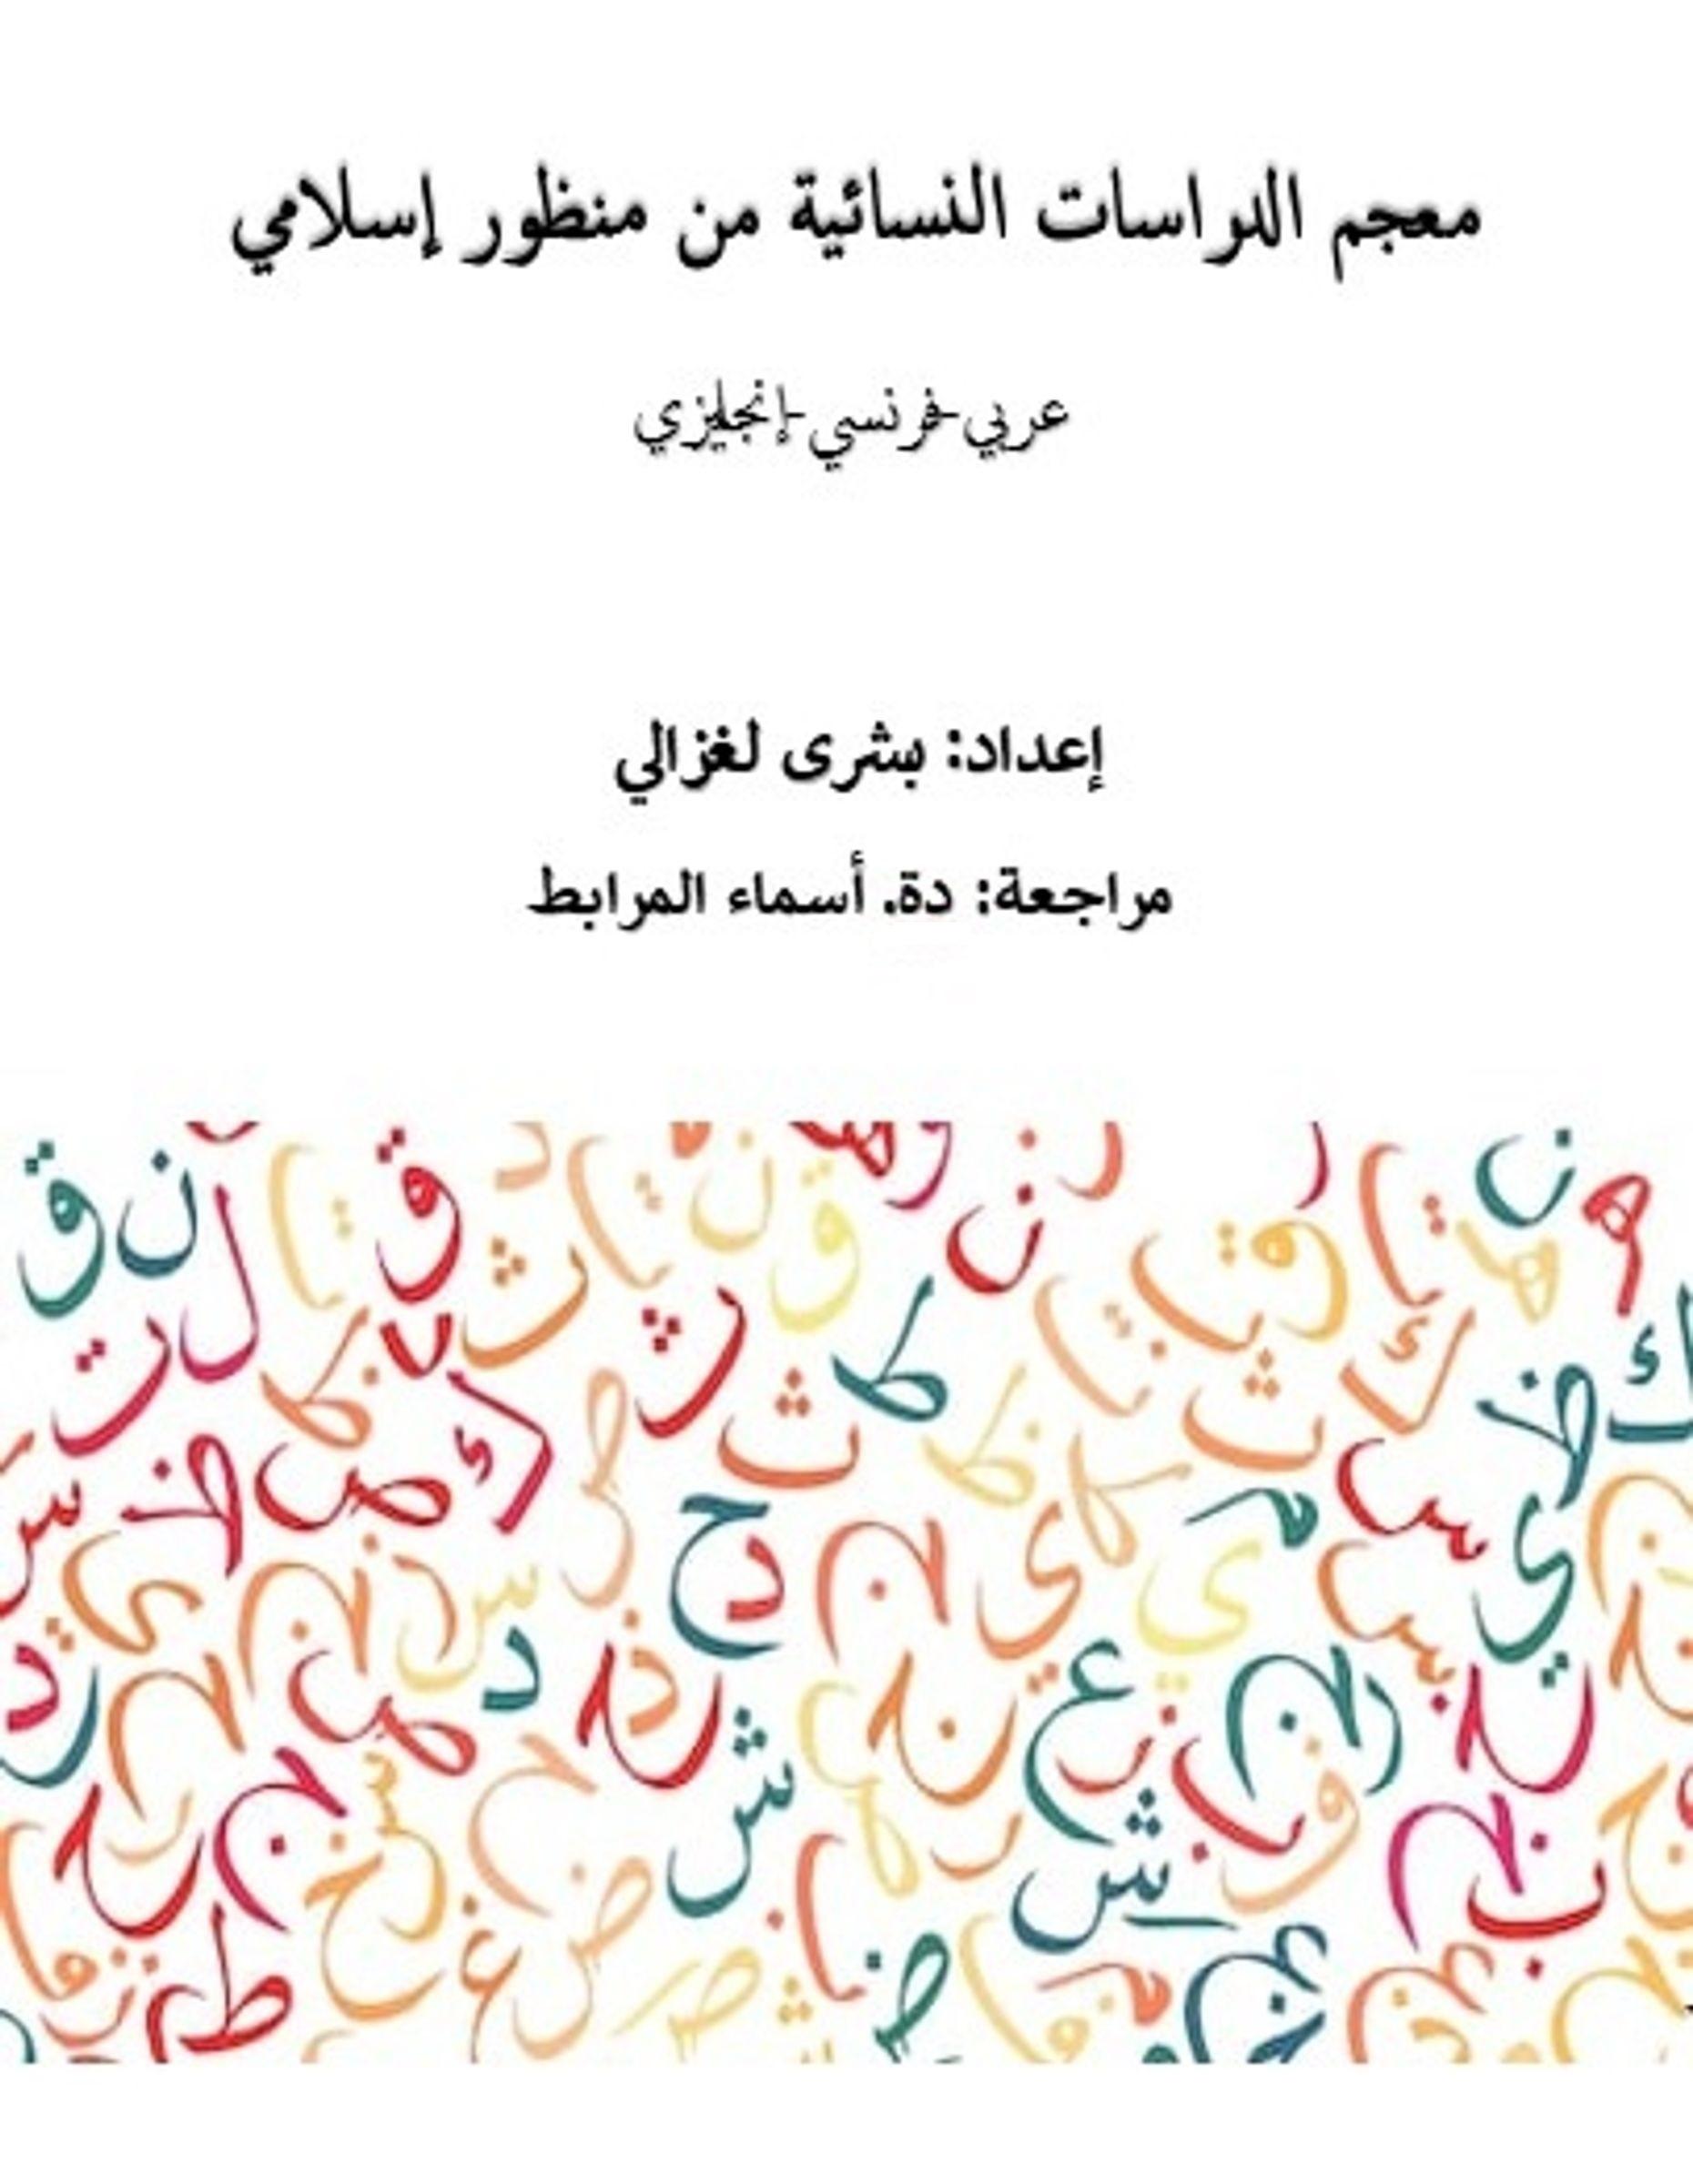 معجم الدراسات النسائية من منظور إسلامي